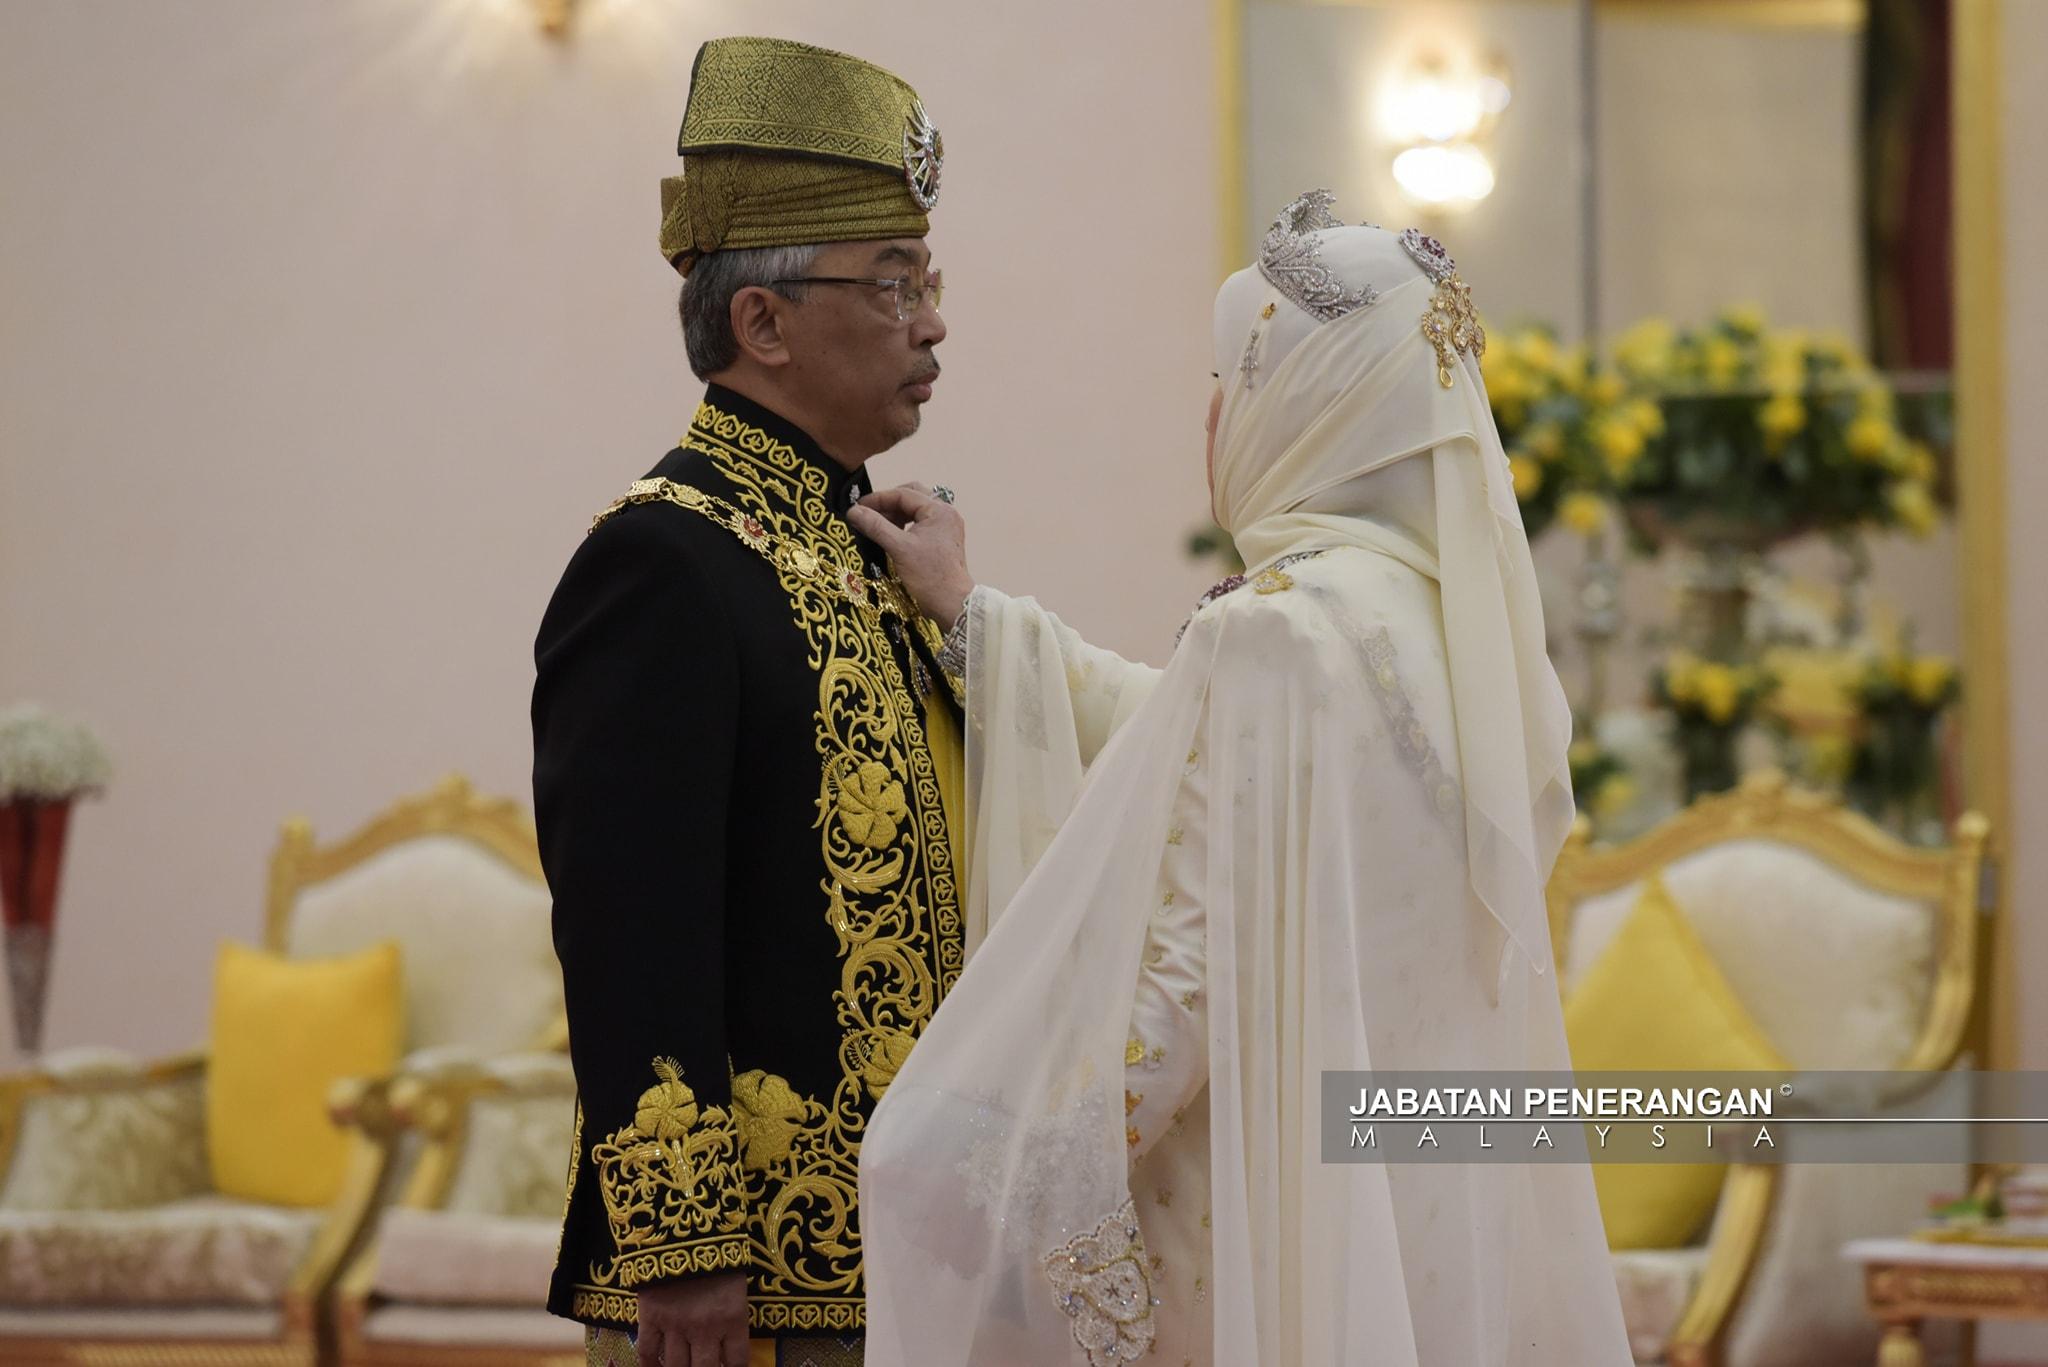 Image from Unit Fotografi, Jabatan Penerangan Malaysia/Facebook